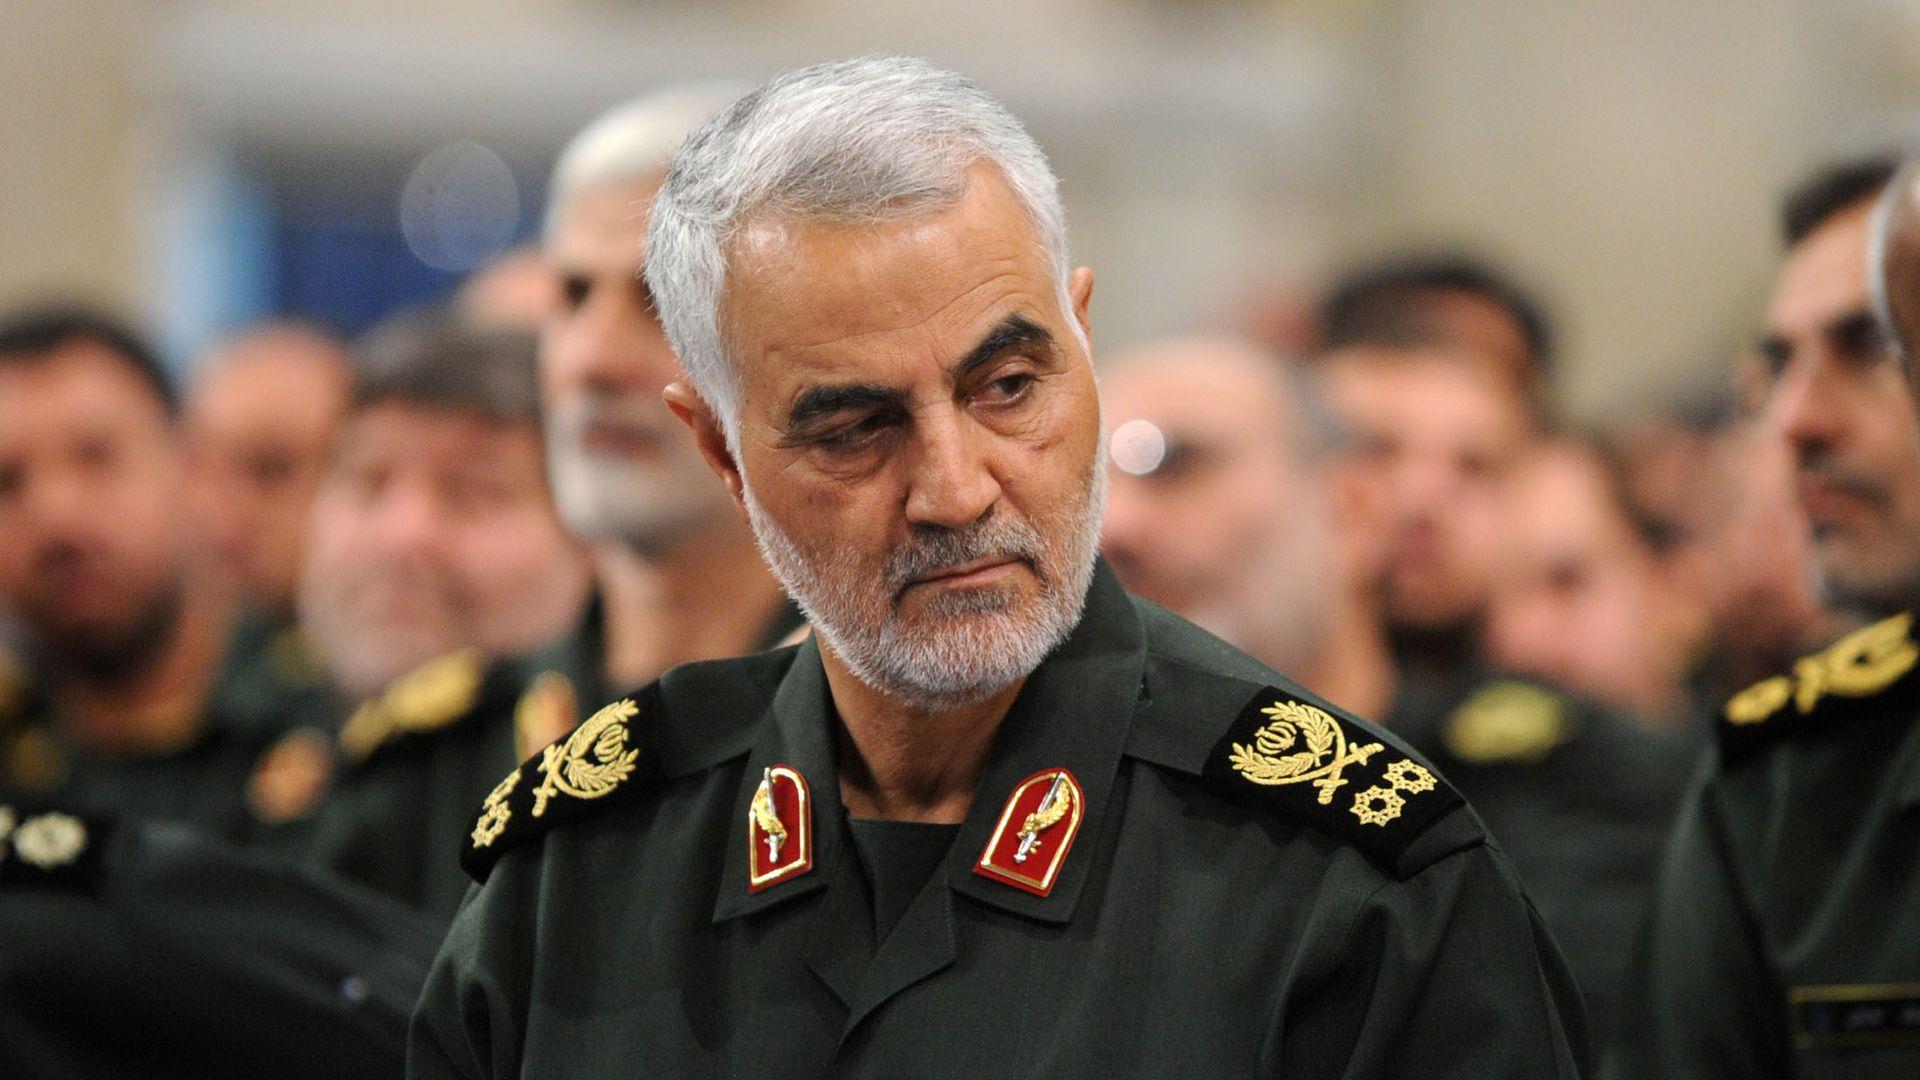 Qassem Soleimani fue el máximo jefe militar en Irán y cerebro de las operaciones del régimen fuera de su territorio